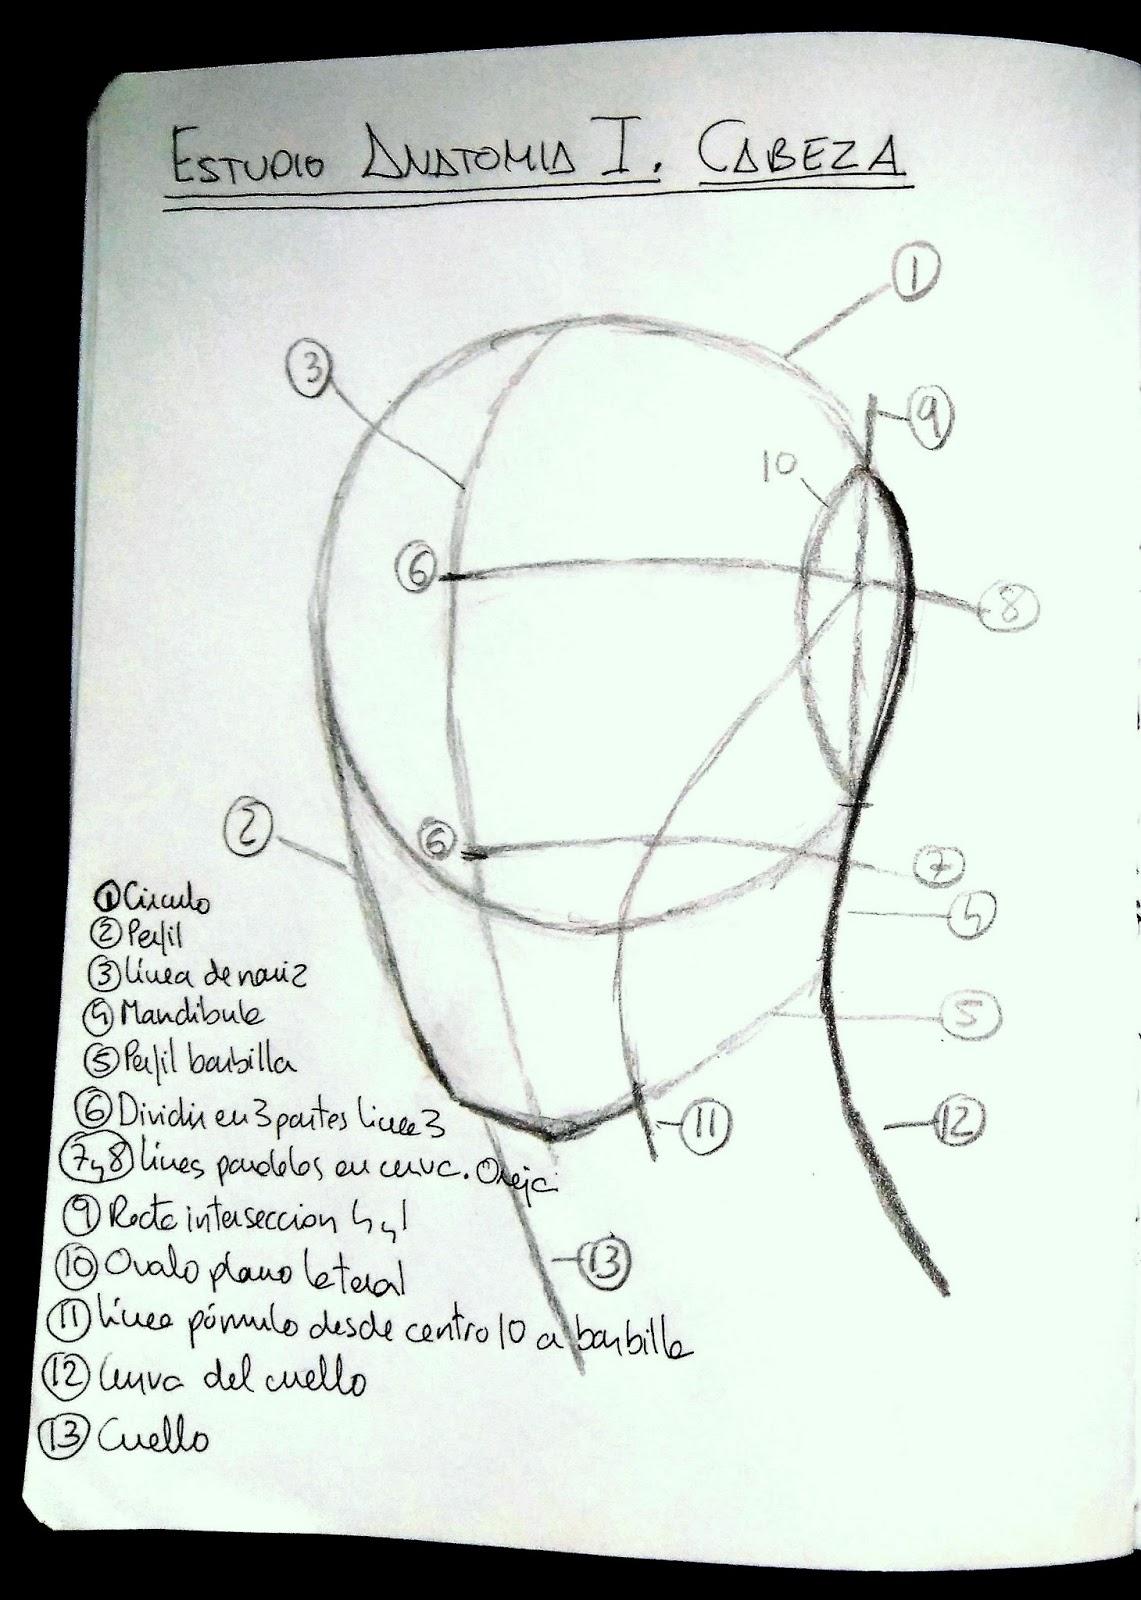 Cuaderno de trabajo de Alicia: Estudio Anatomía